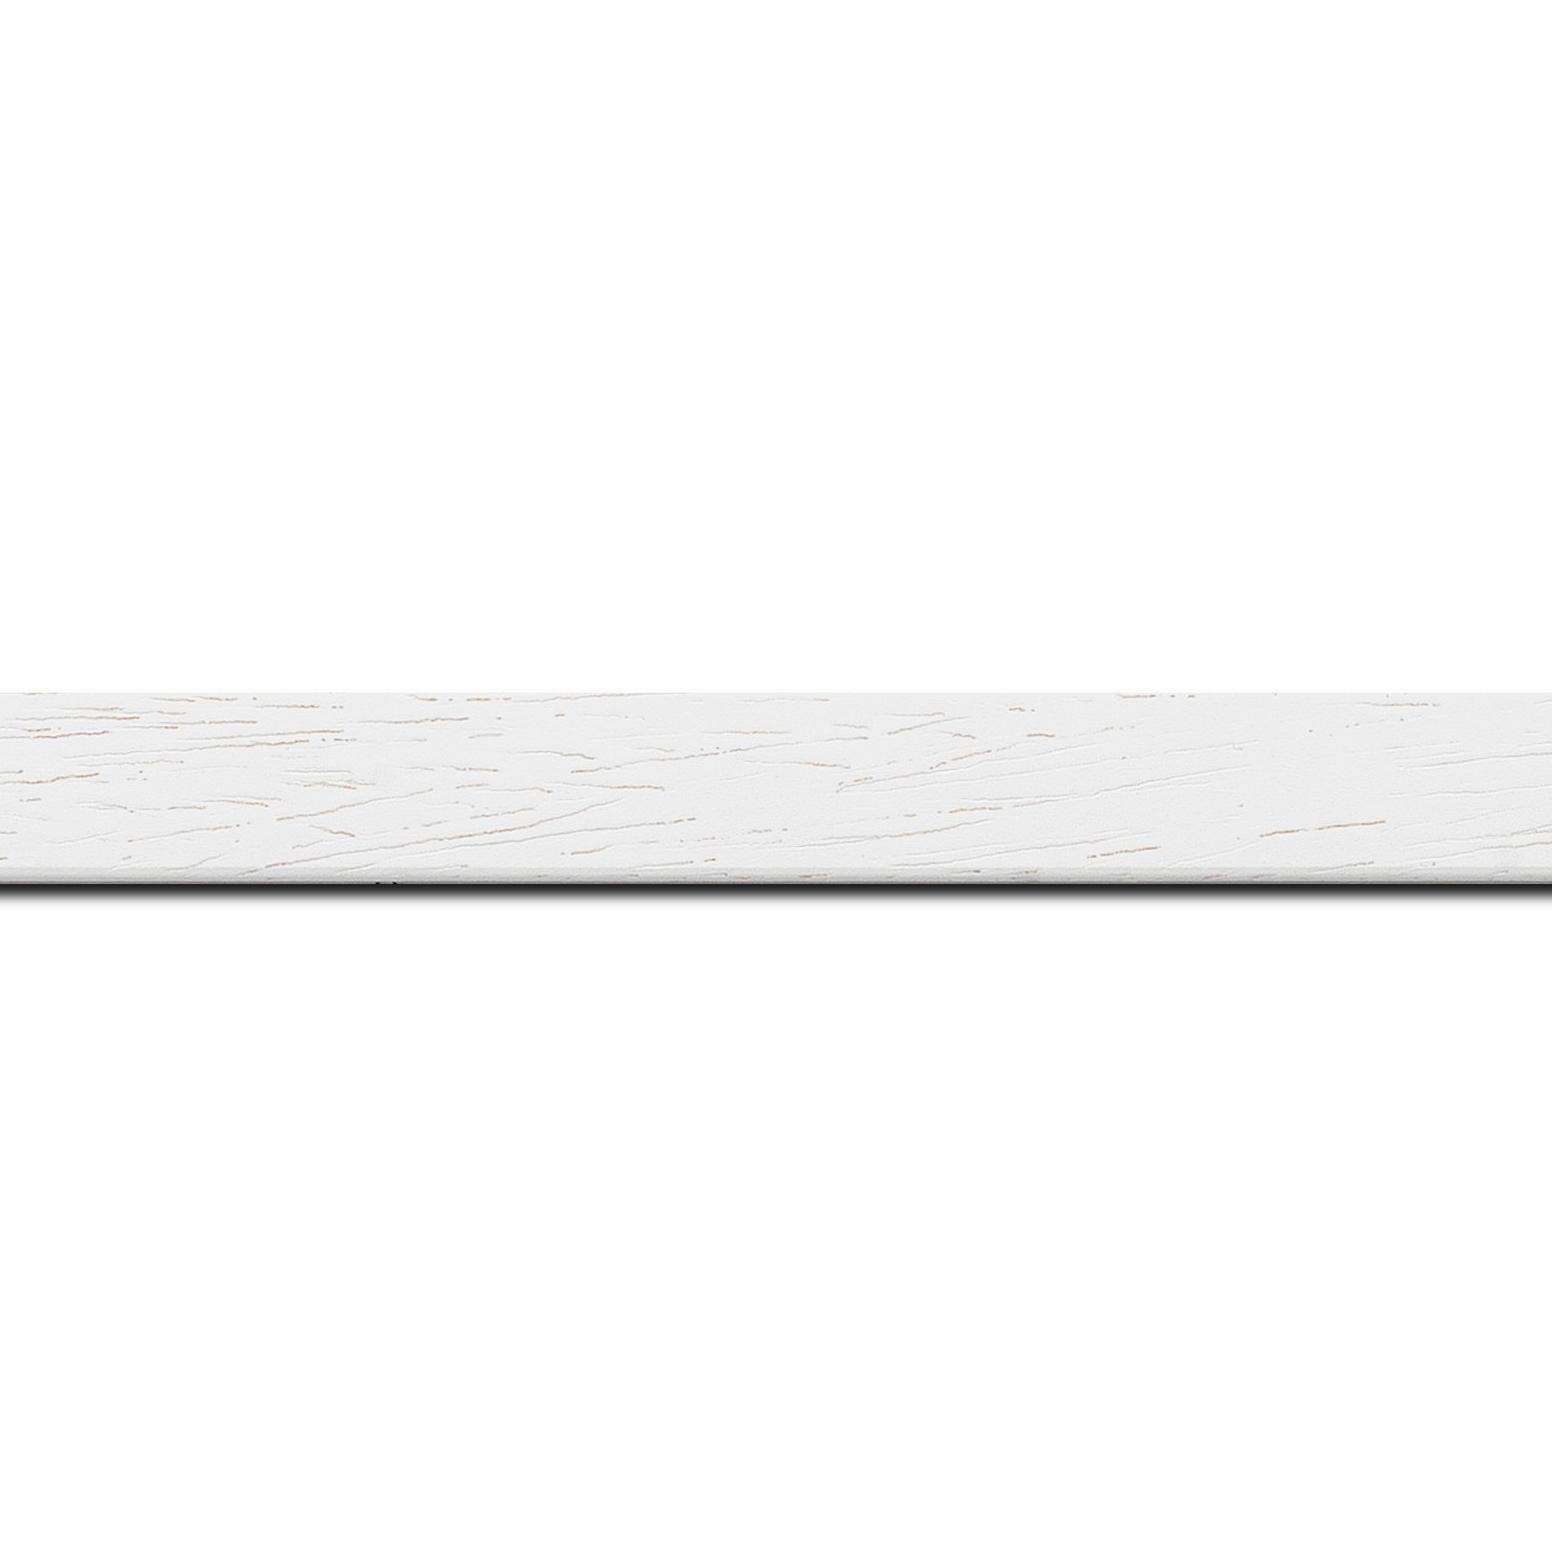 Pack par 12m, bois profil plat largeur 2cm couleur blanc satiné(longueur baguette pouvant varier entre 2.40m et 3m selon arrivage des bois)